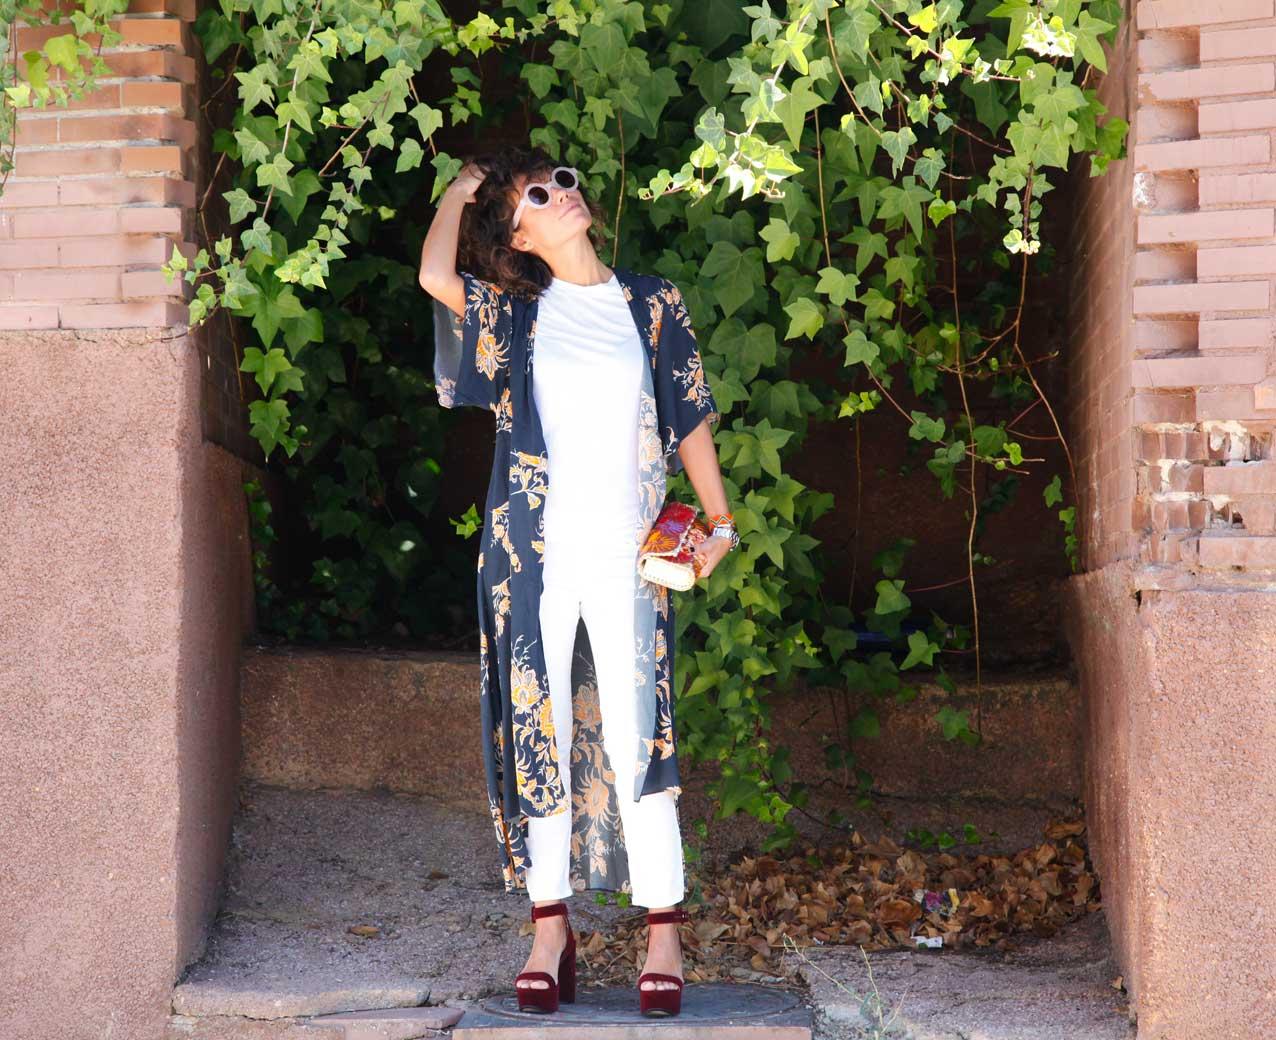 kimono_dress-white_jeans-mbfwm2016-streetstyle-cool_lemonade7